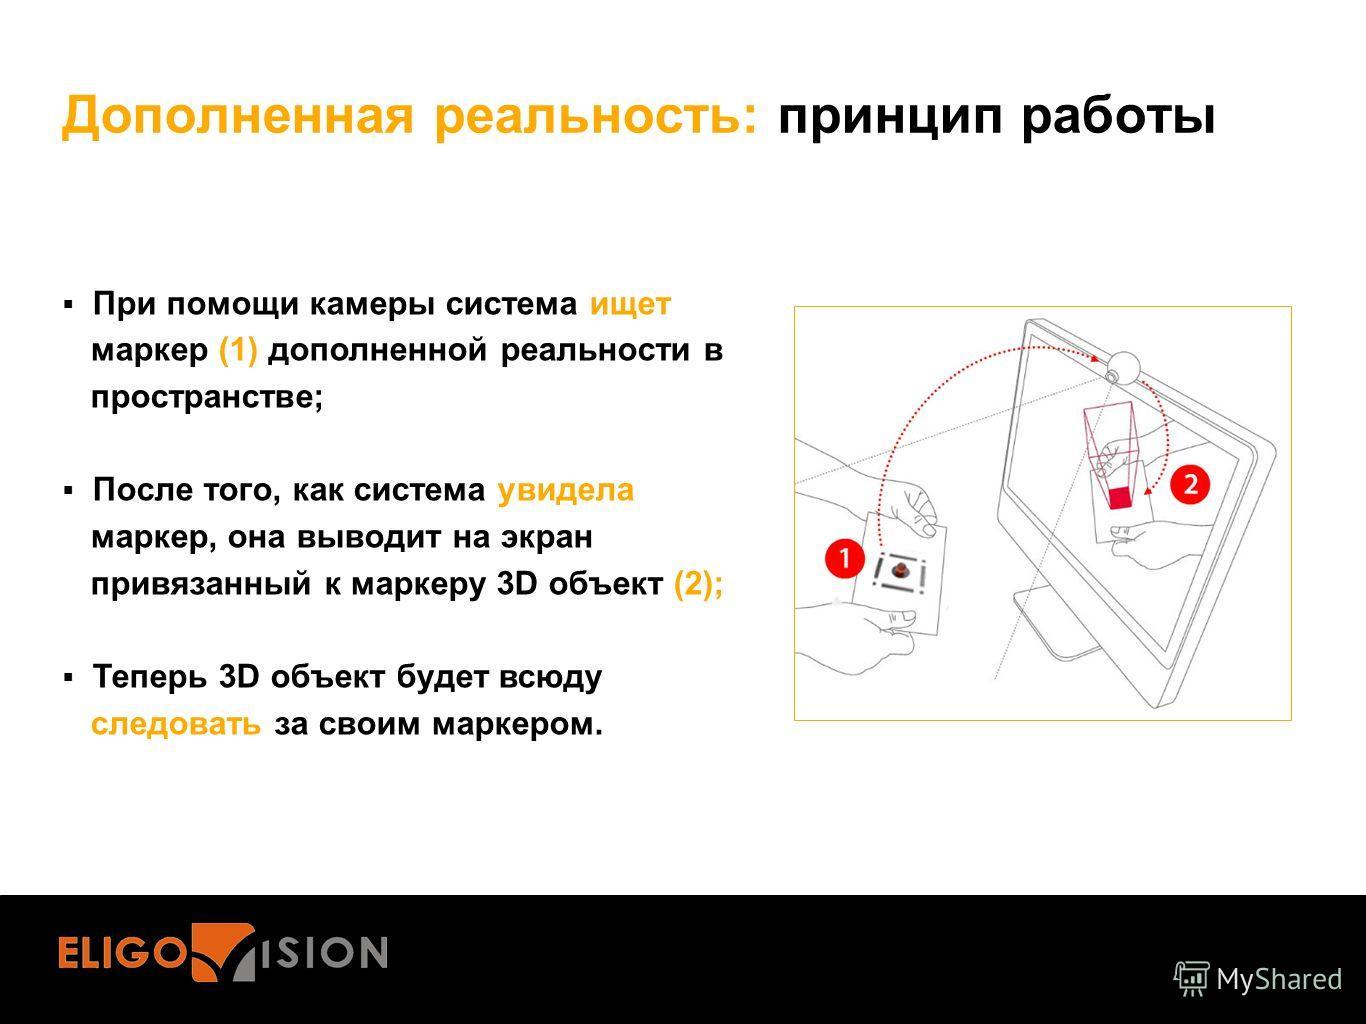 Дополненная реальность: принцип работы При помощи камеры система ищет маркер (1) дополненной реальности в пространстве; После того, как система увидела маркер, она выводит на экран привязанный к маркеру 3D объект (2); Теперь 3D объект будет всюду сле